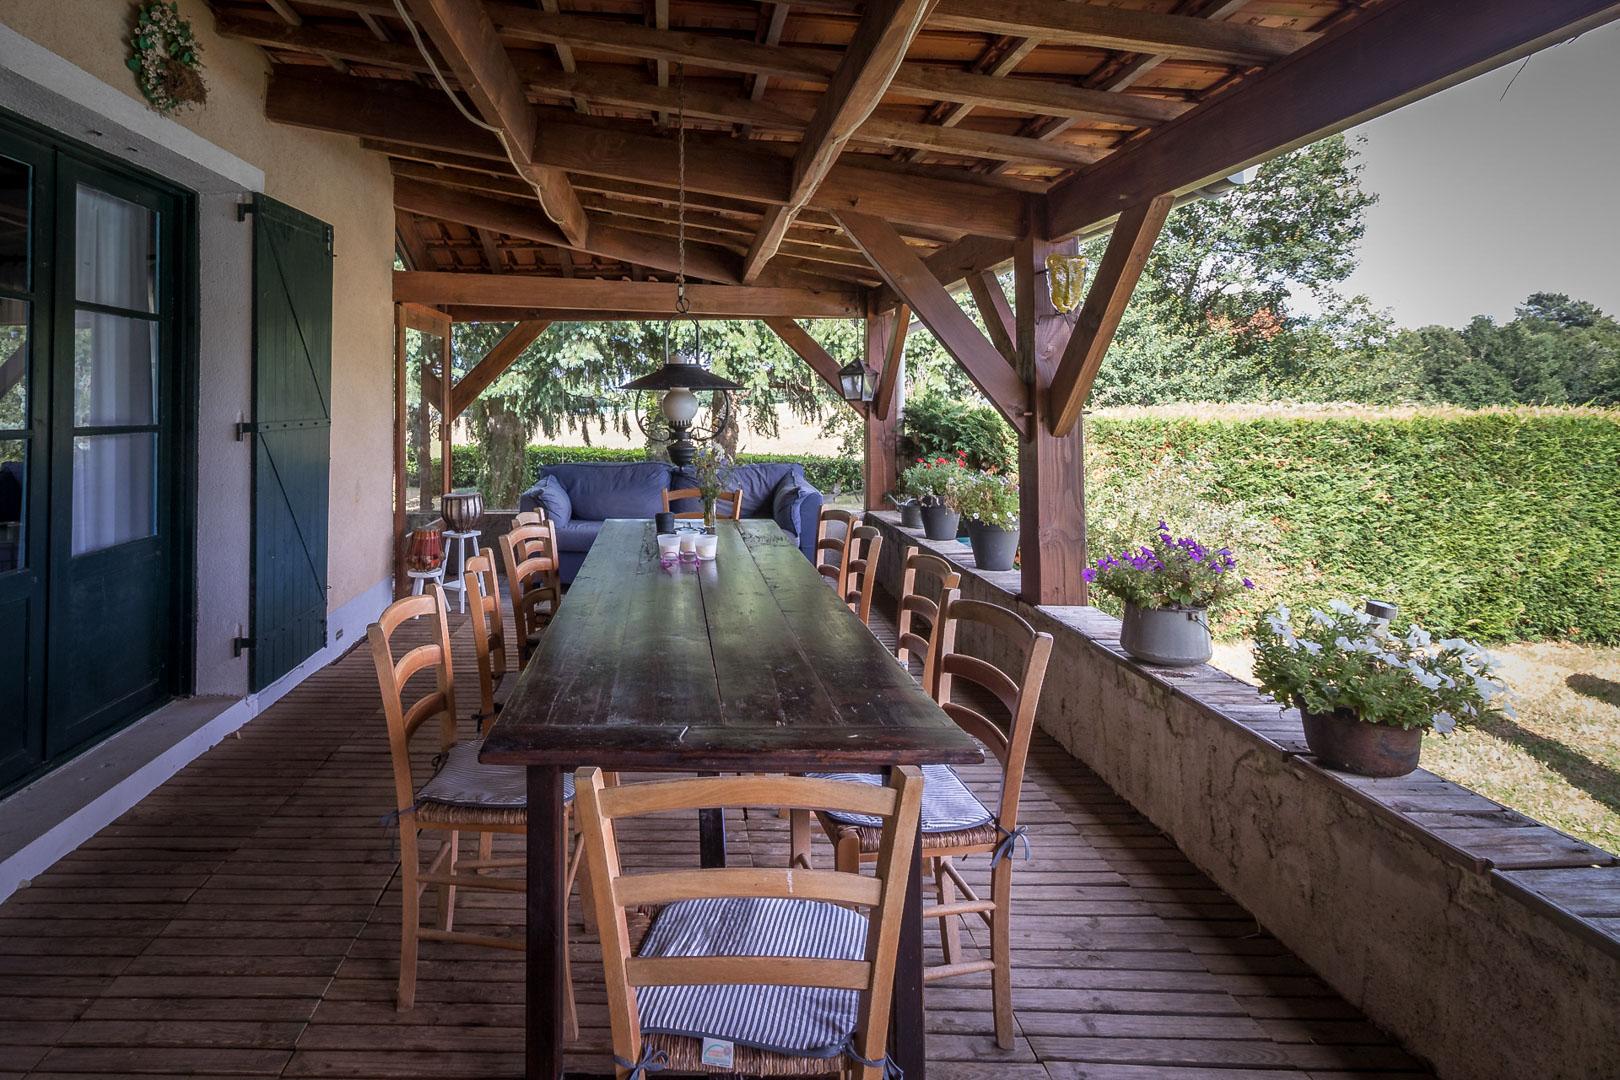 Holiday park Les Cabanes de Rouffignac, Dordogne France